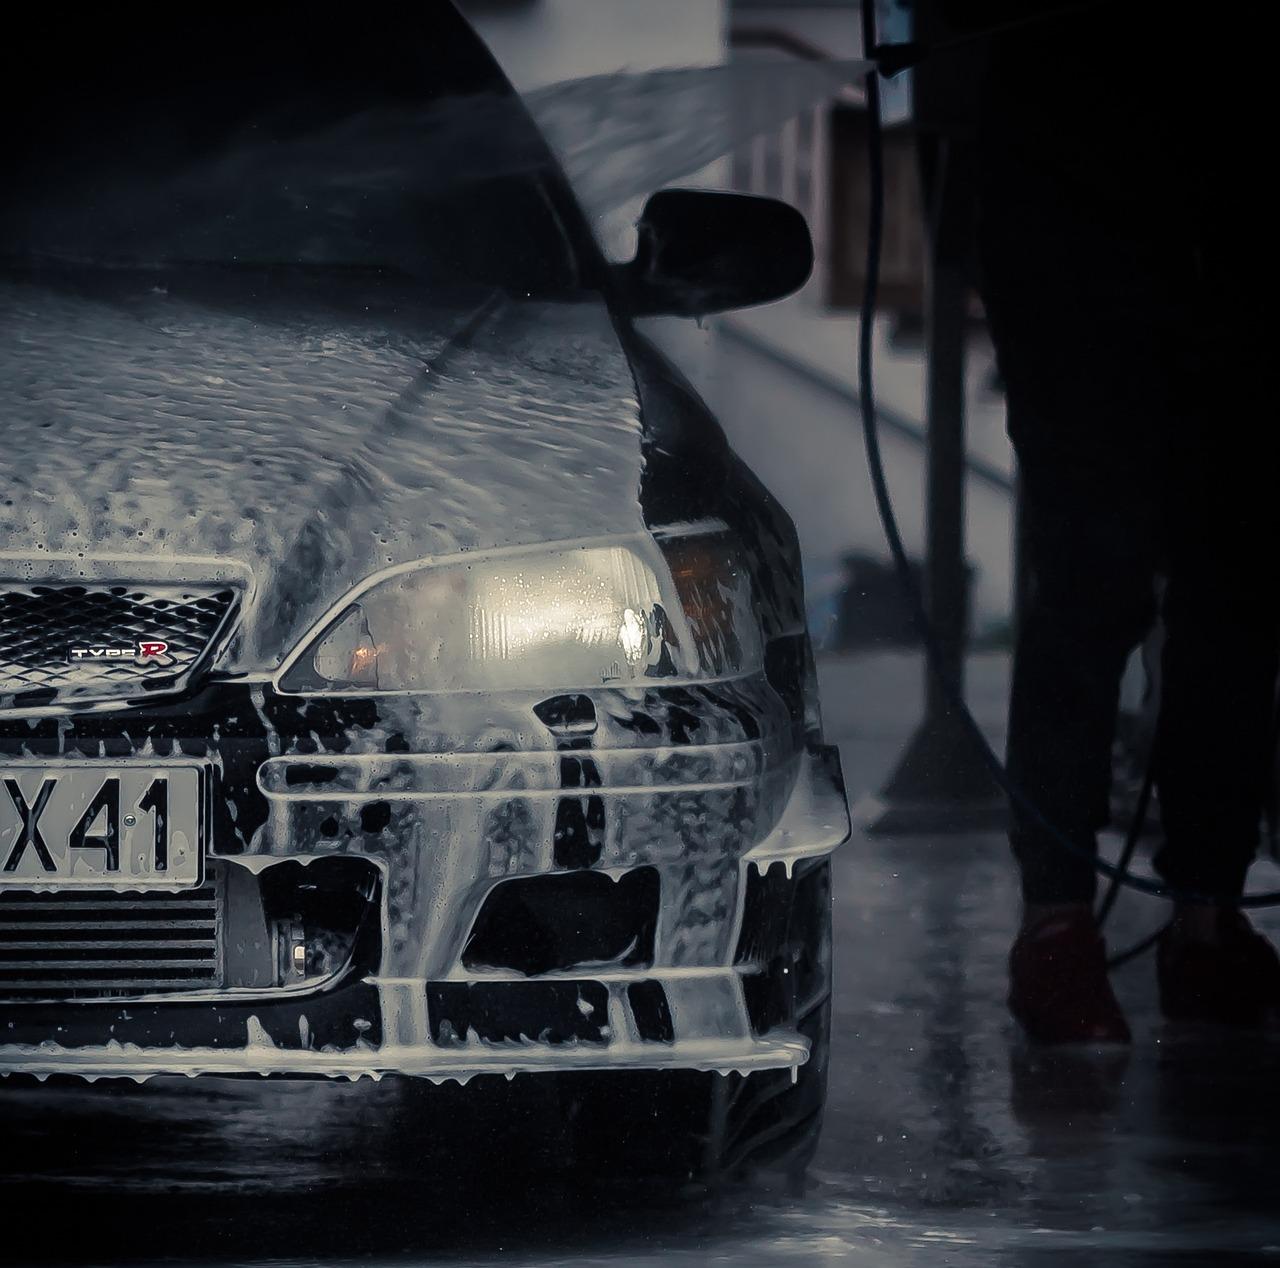 Honda Accord in a carwash